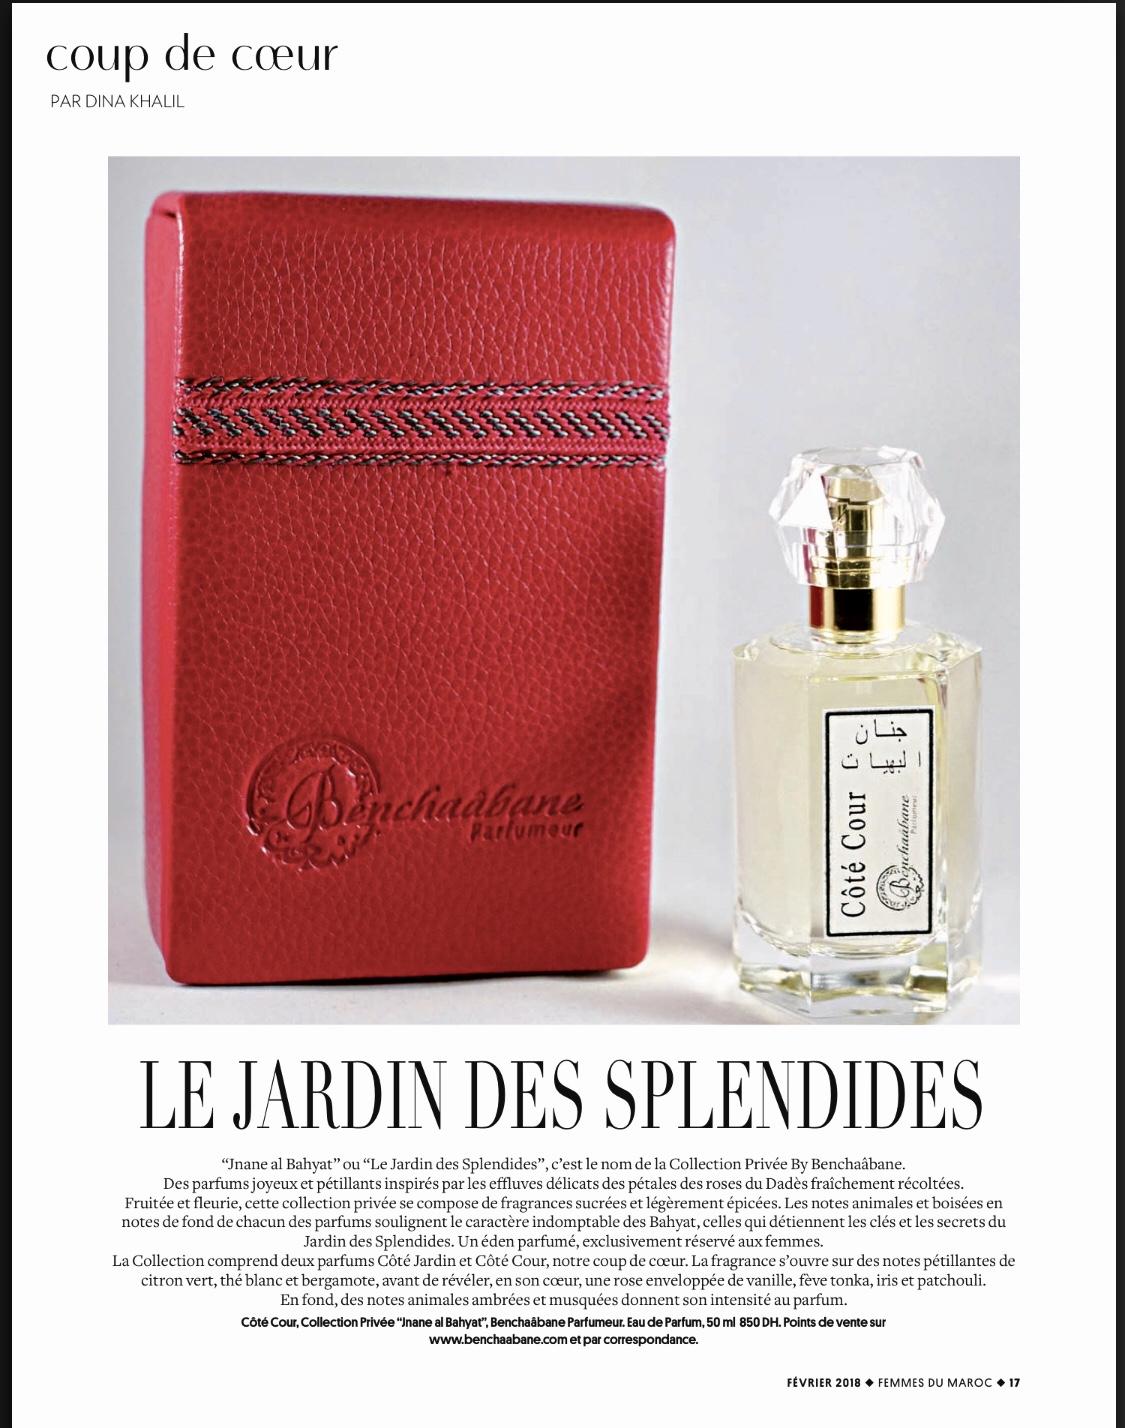 Le coup de cœur du Magazine Femmes du Maroc en mois de février 2018 est l'Eau de Parfum Côté Cour by Benchaâbane